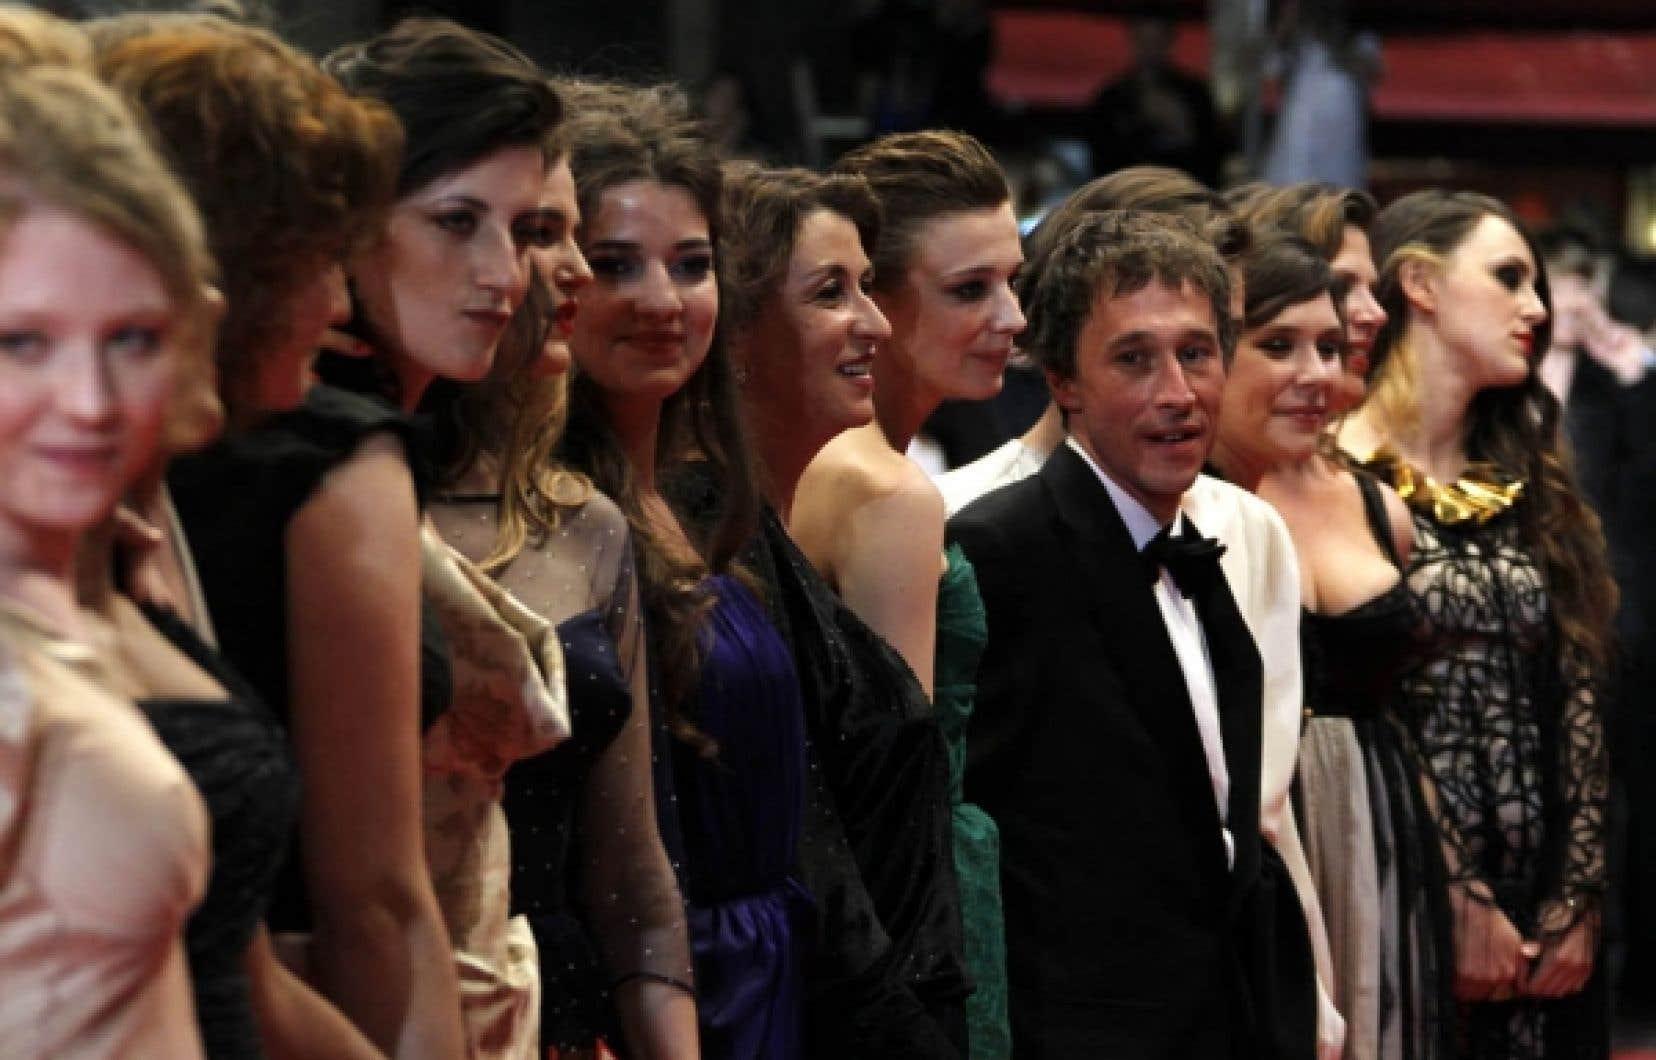 Le réalisateur Bertrand Bonello était entouré des principales interprètes du film L'Apollonide, hier sur le tapis rouge.<br />